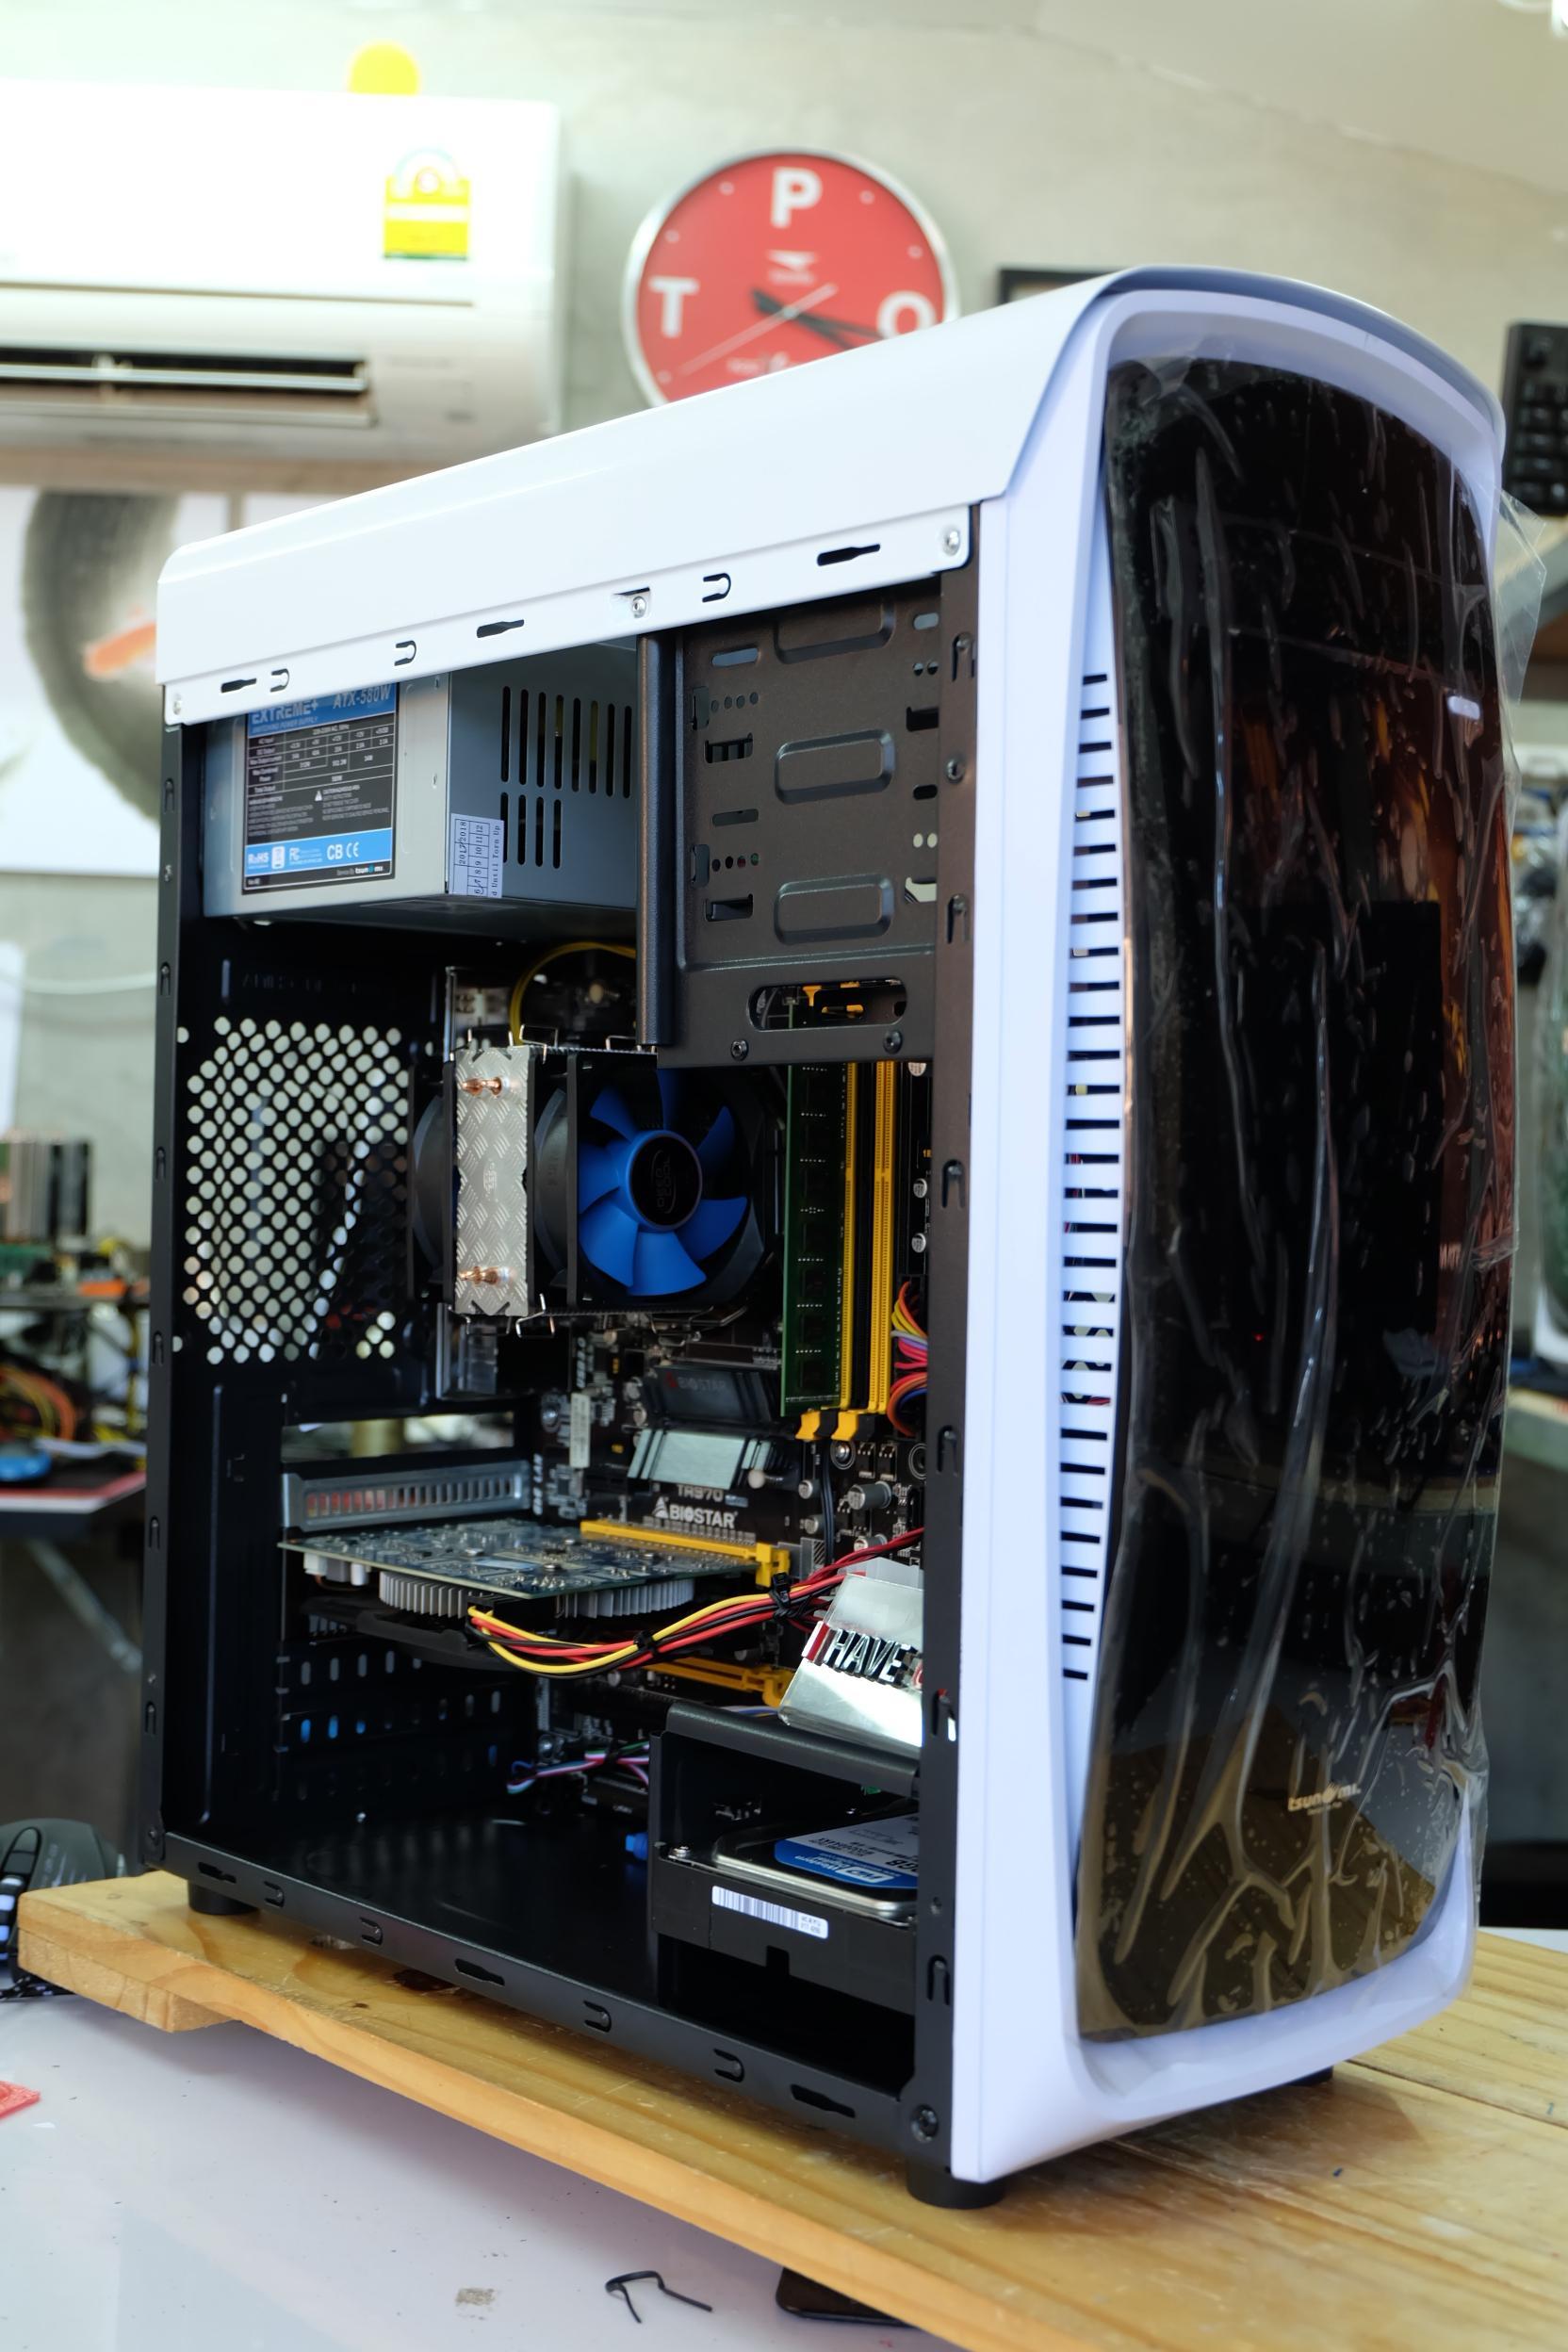 FX 6300 6 Core Turbo 4.1Ghz / Biostar TA970 / 8GB / GTX 650 / 320GB